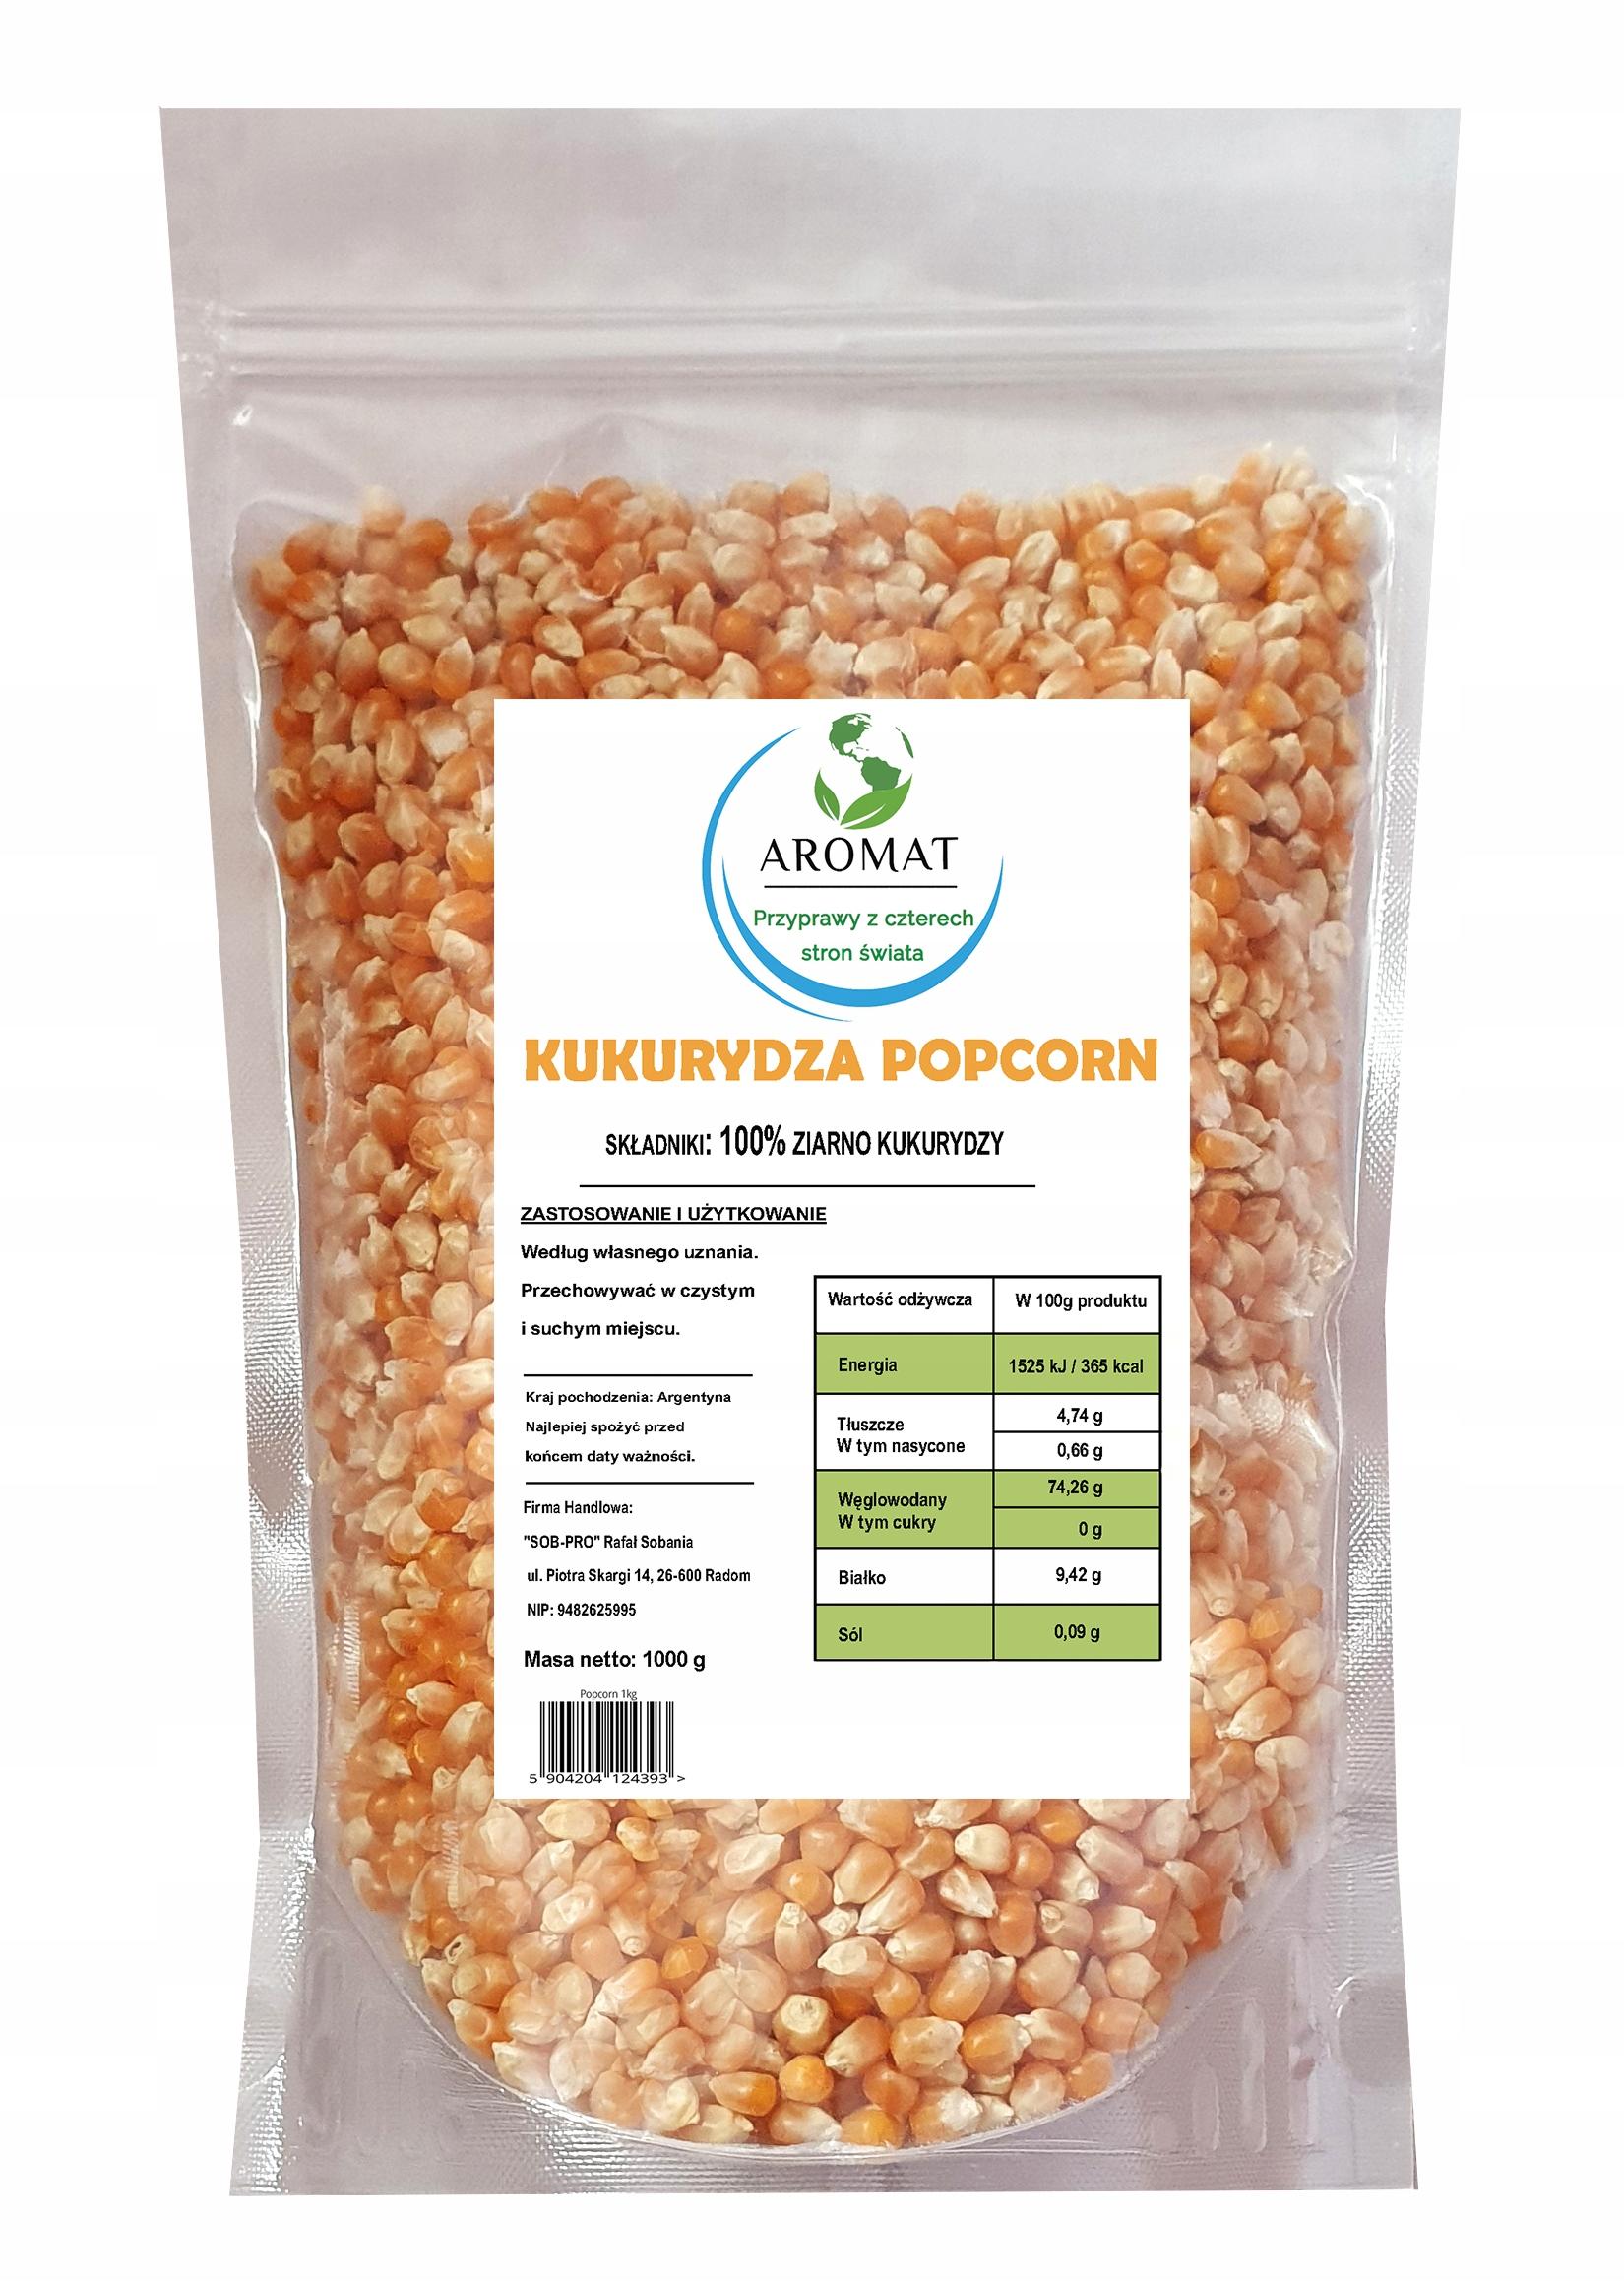 Попкорн Кукуруза для запекания 1 кг без соли ВКУСНАЯ